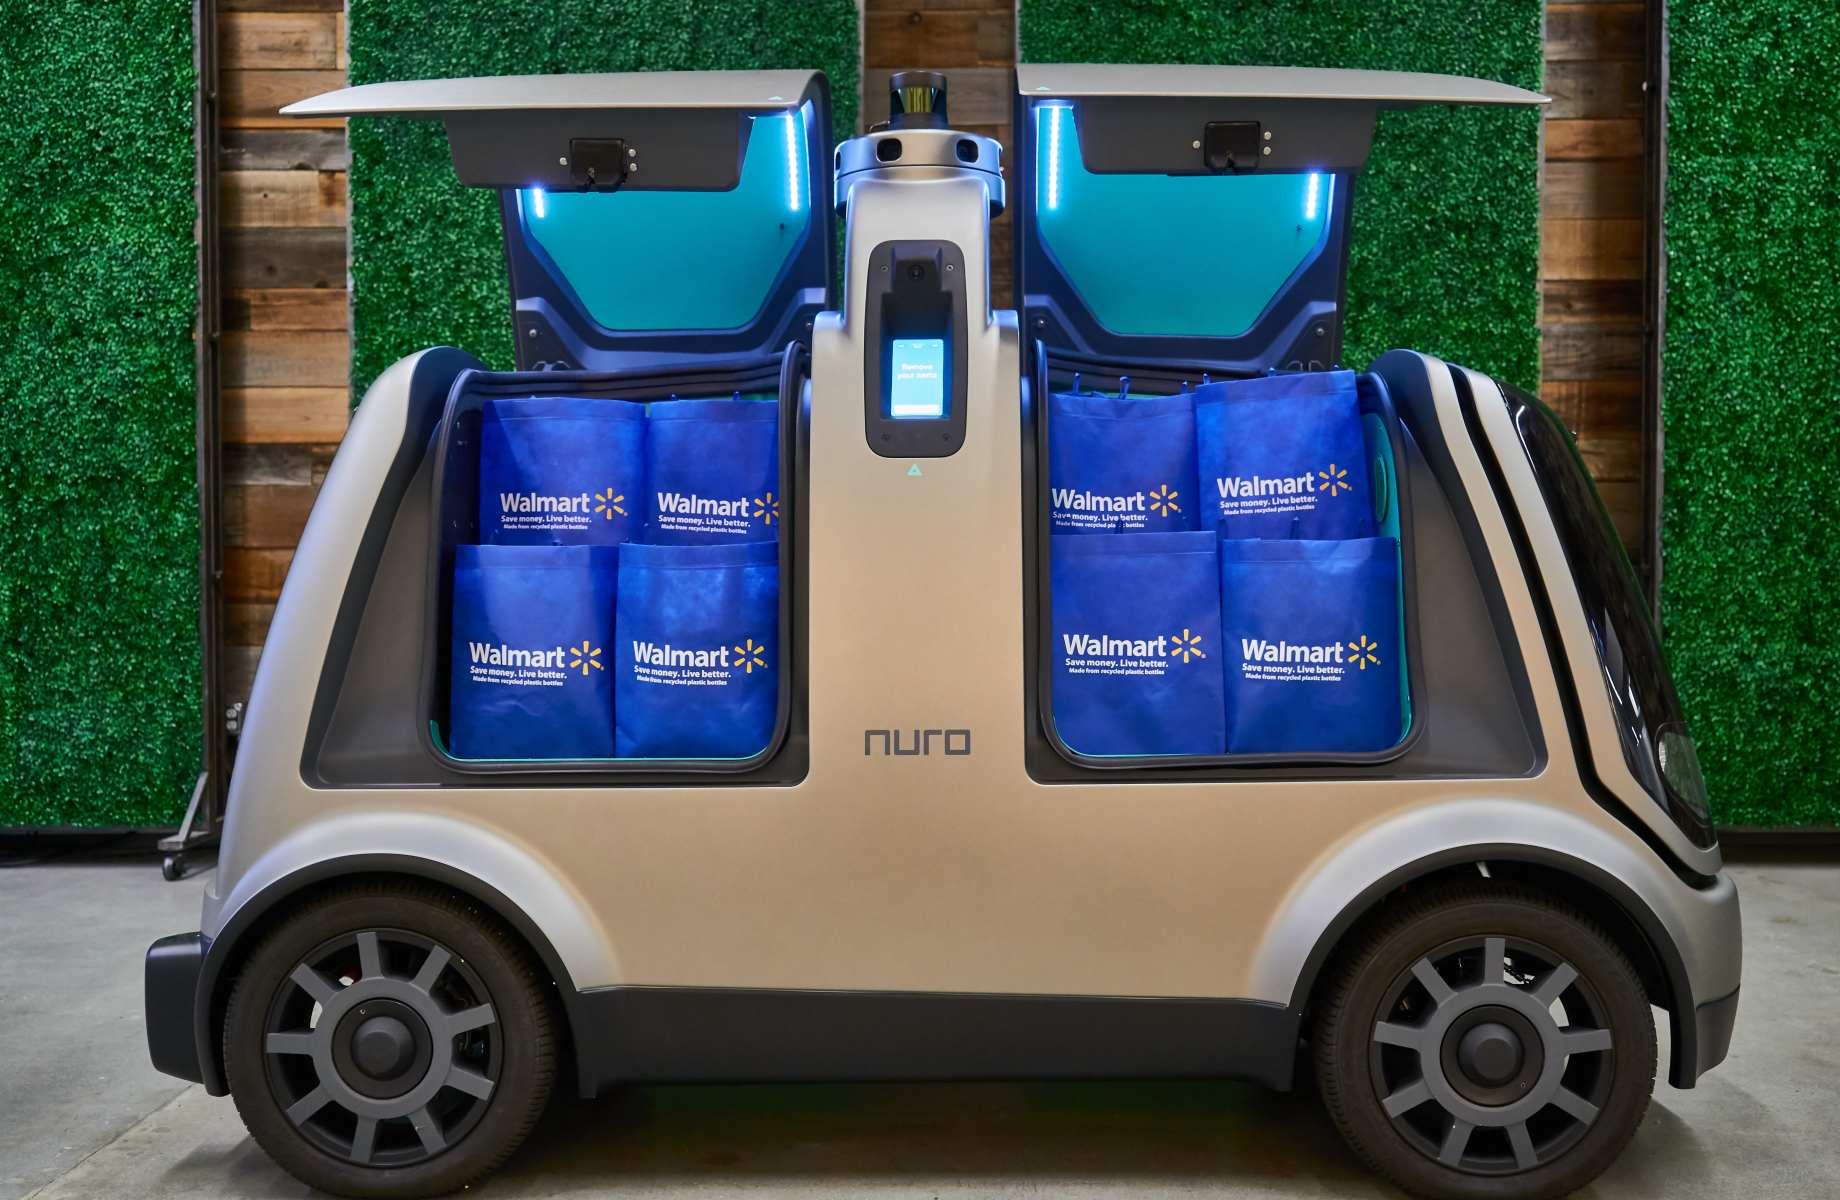 软银投资的自动驾驶公司Nuro开始上门送药,并为沃尔玛等大型超市配送杂货商品